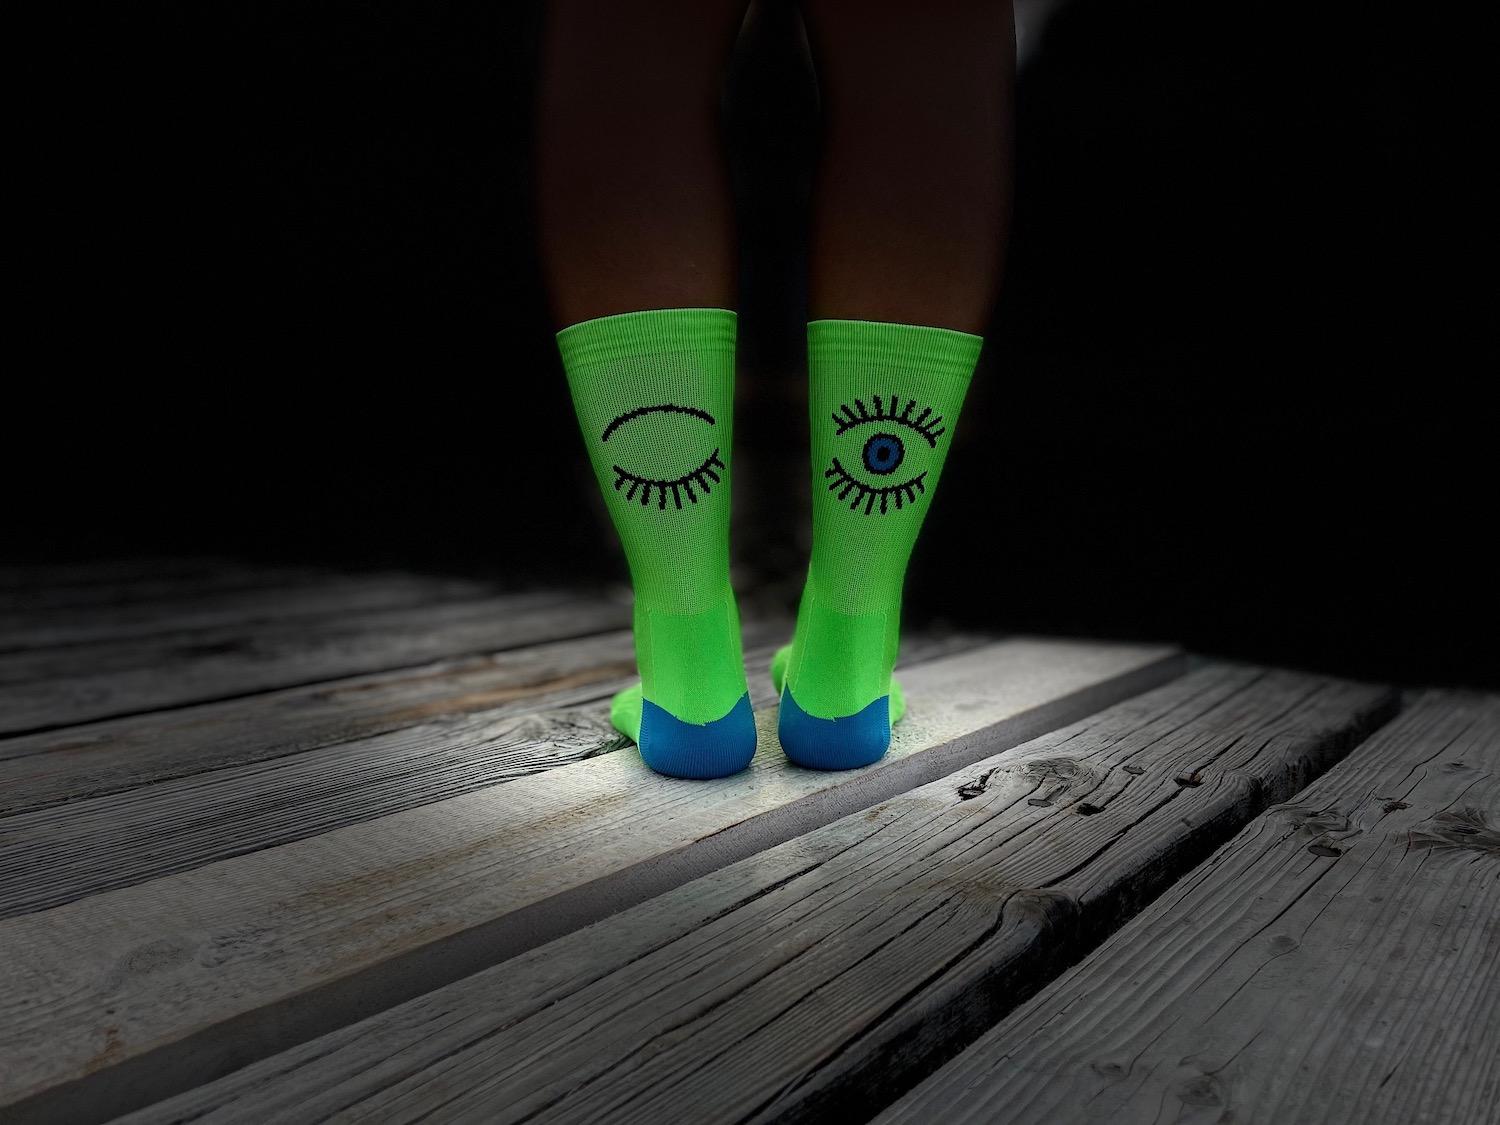 Budeš mrkat. Podívej se na naše nové sportovní ponožky.